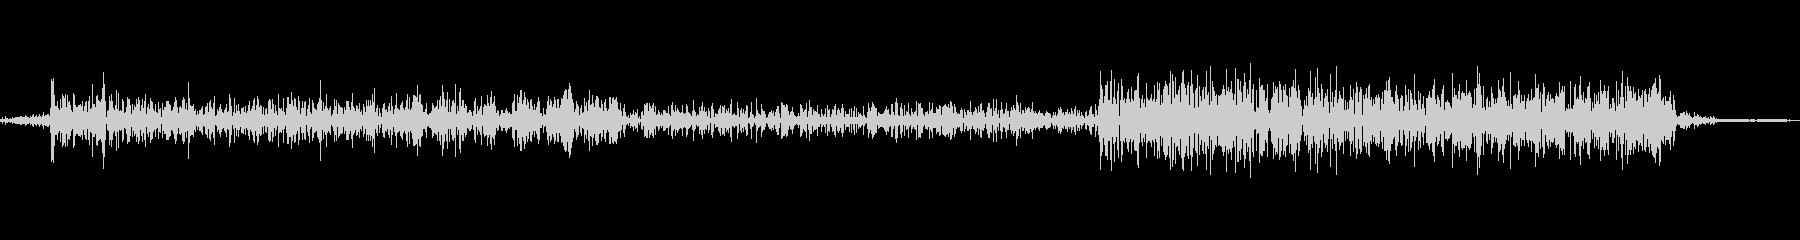 ビープ音10の未再生の波形